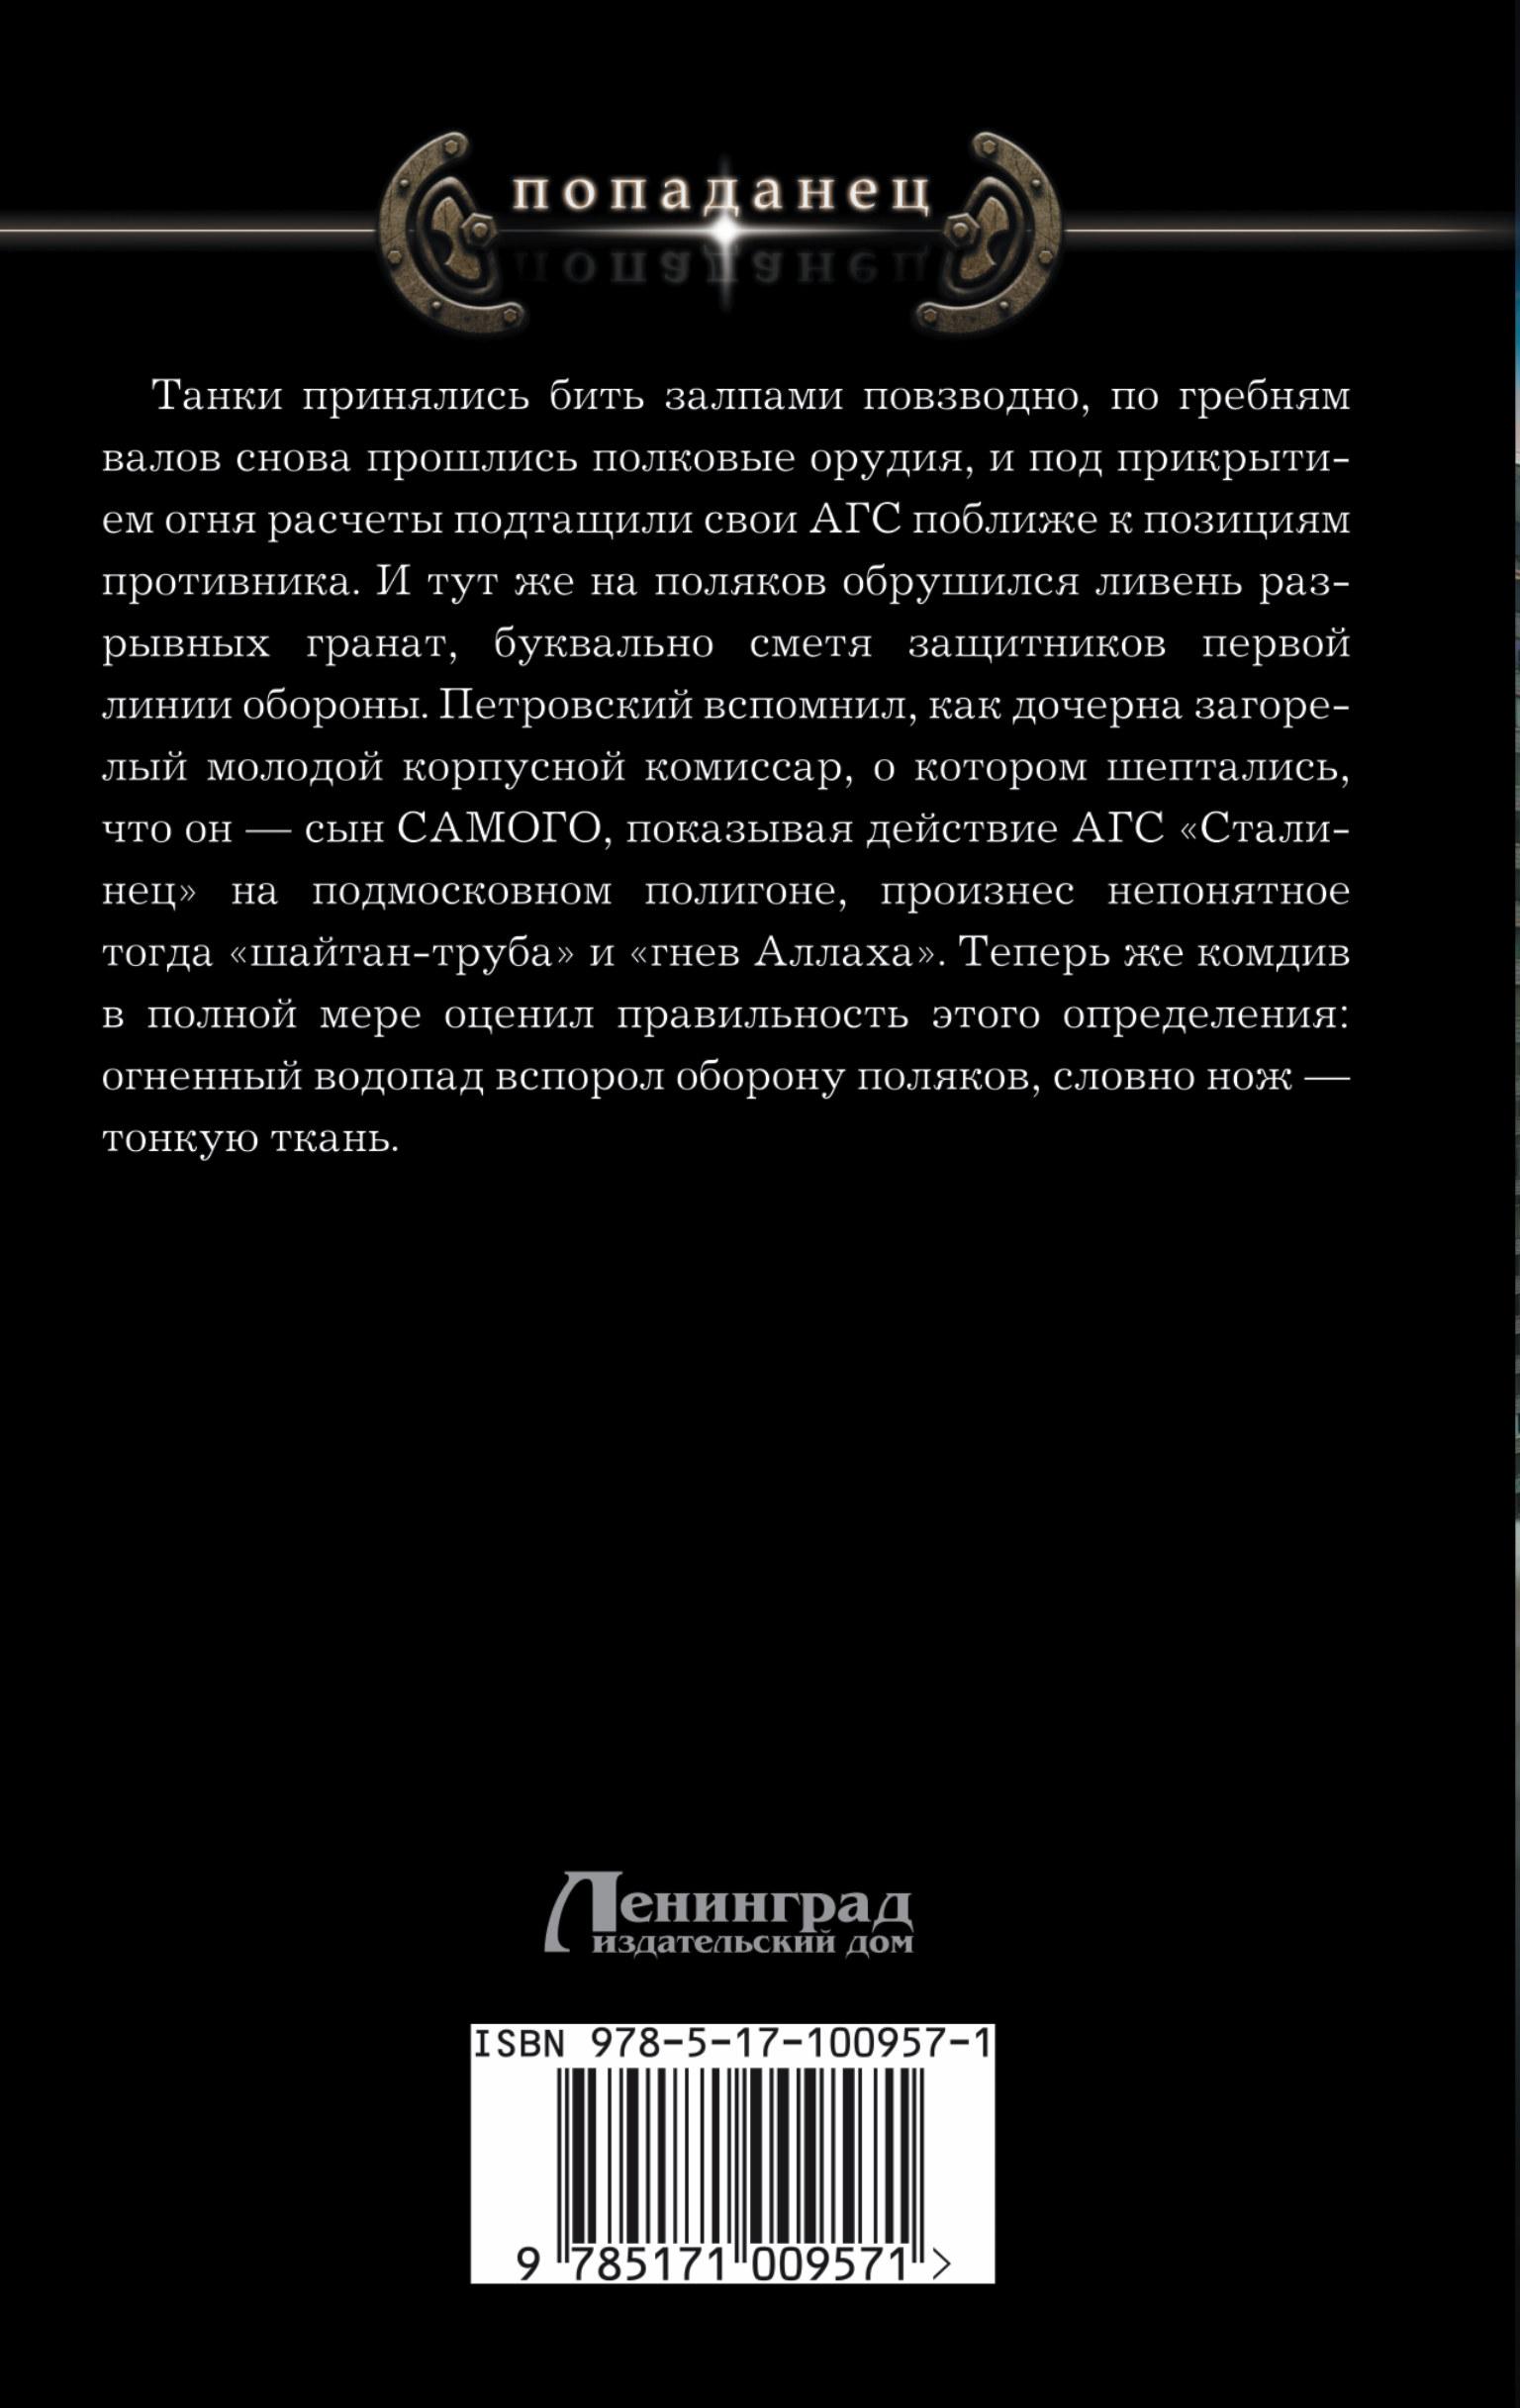 Джокер Сталина. Земляной Андрей; Орлов Борис Львович